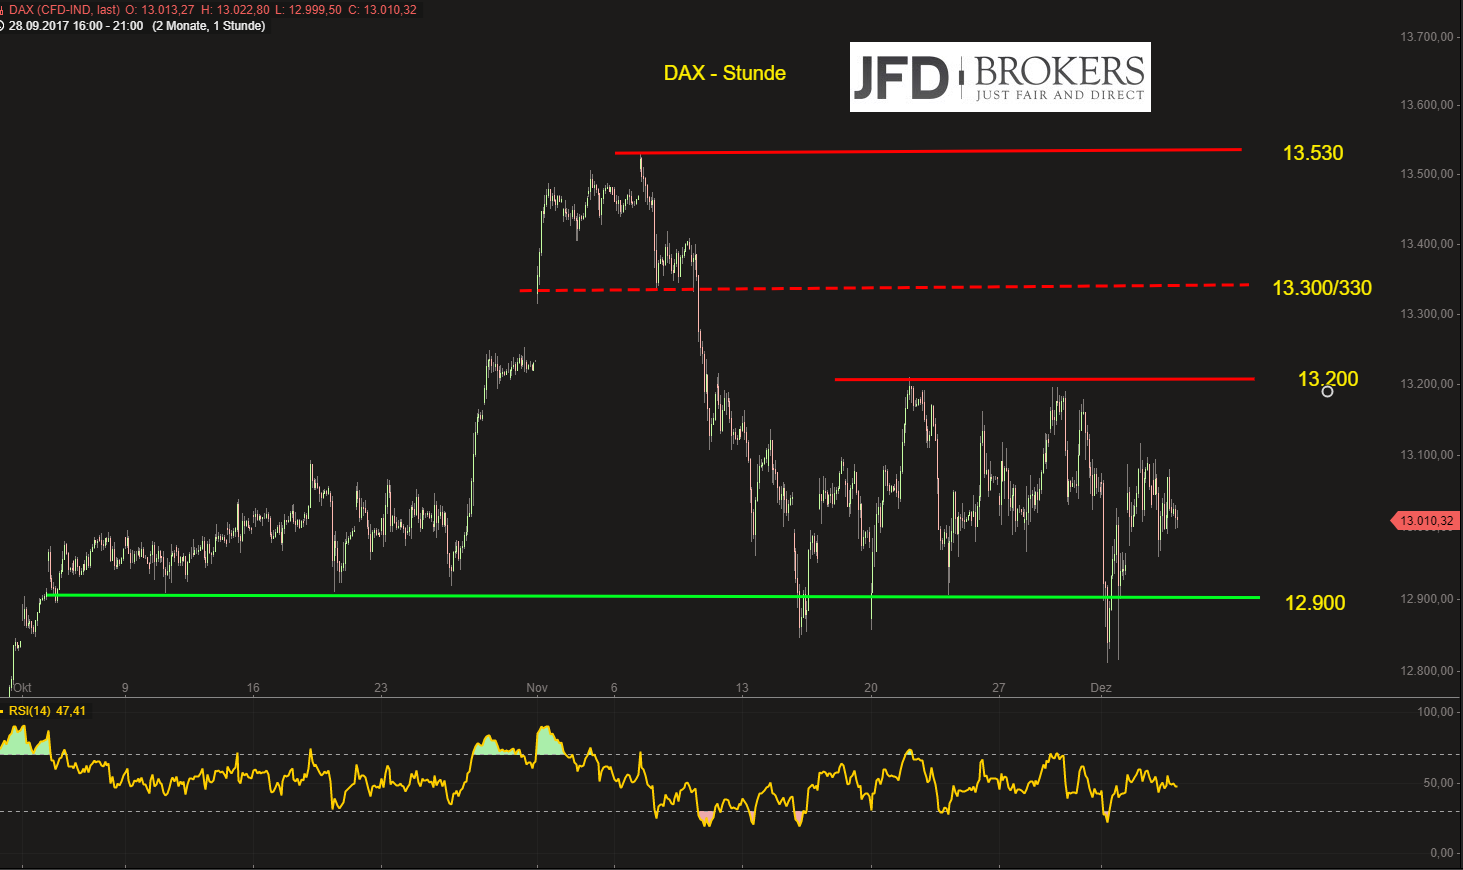 DAX-weiter-choppy-seitwärts-zwischen-12-800-und-13-200-Punkten-Kommentar-JFD-Brokers-GodmodeTrader.de-2